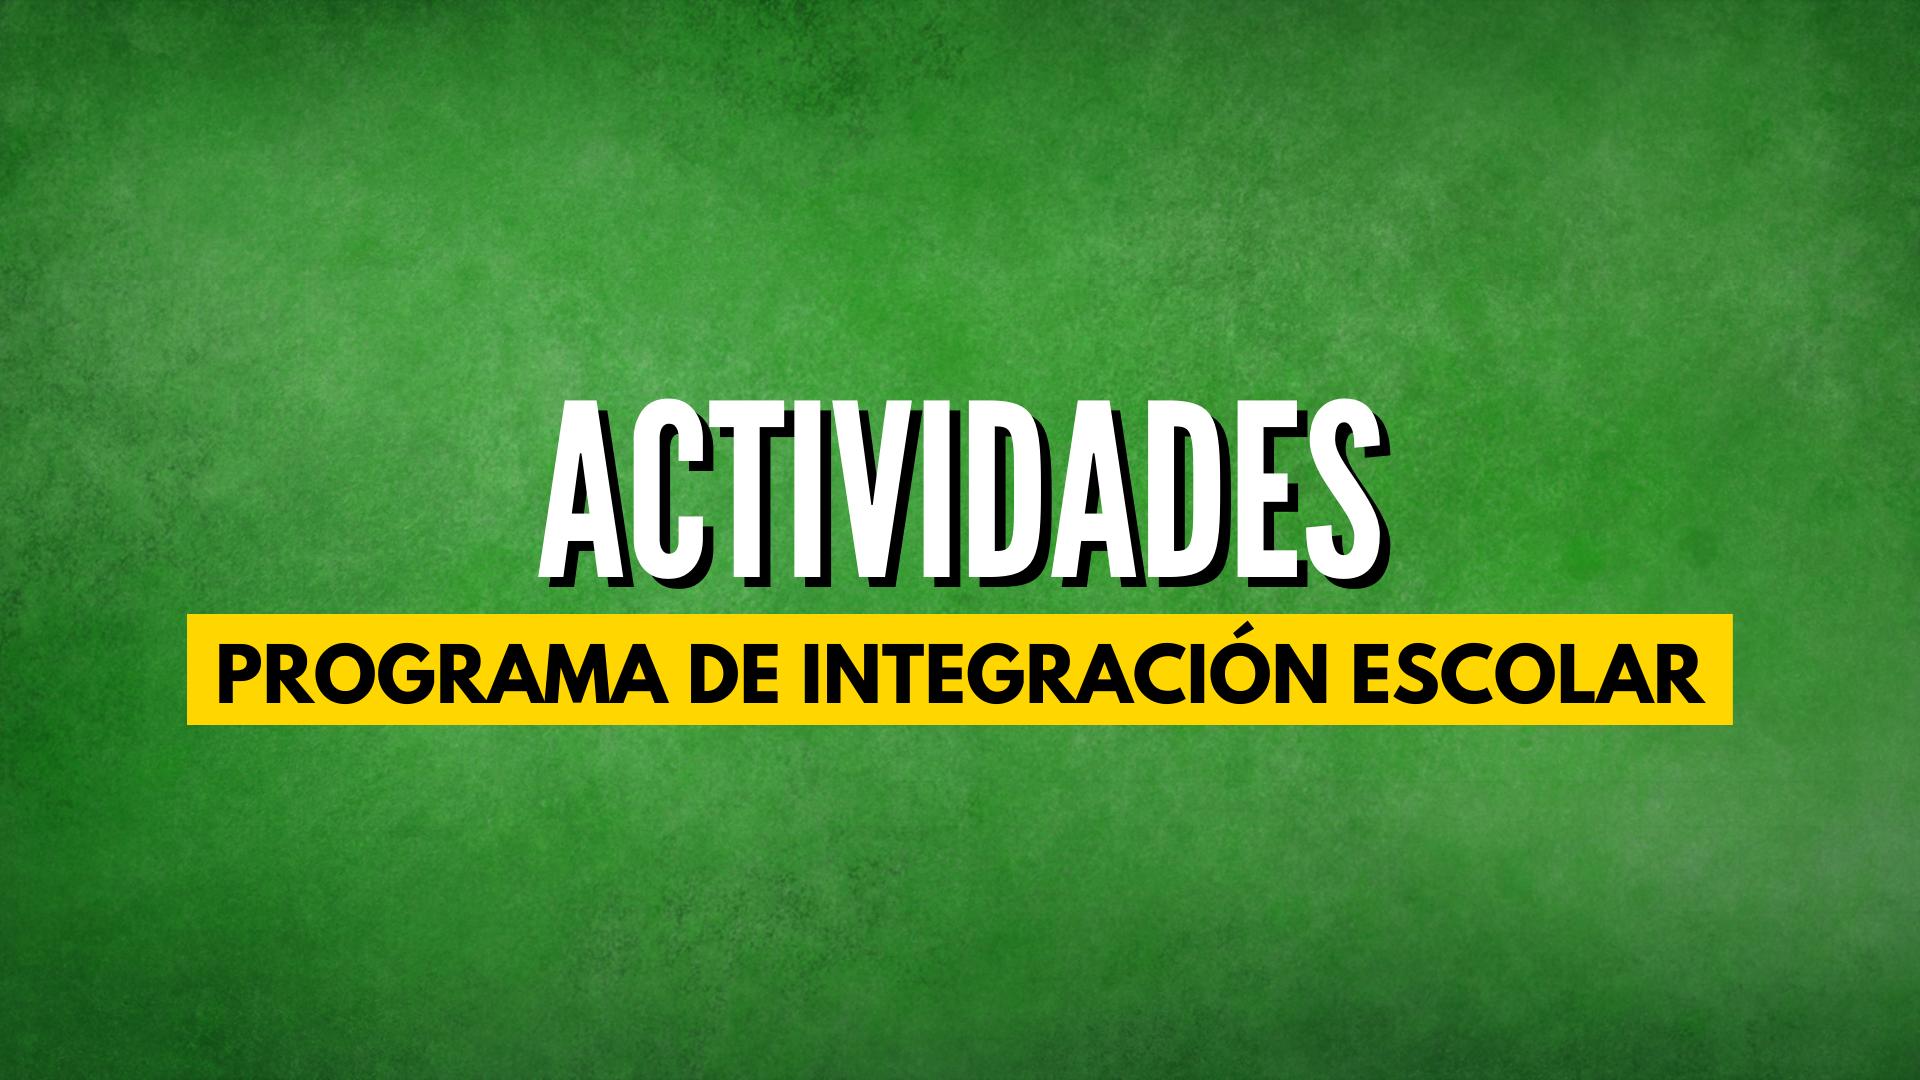 ACTIVIDADES PROGRAMA DE INTEGRACIÓN ESCOLAR